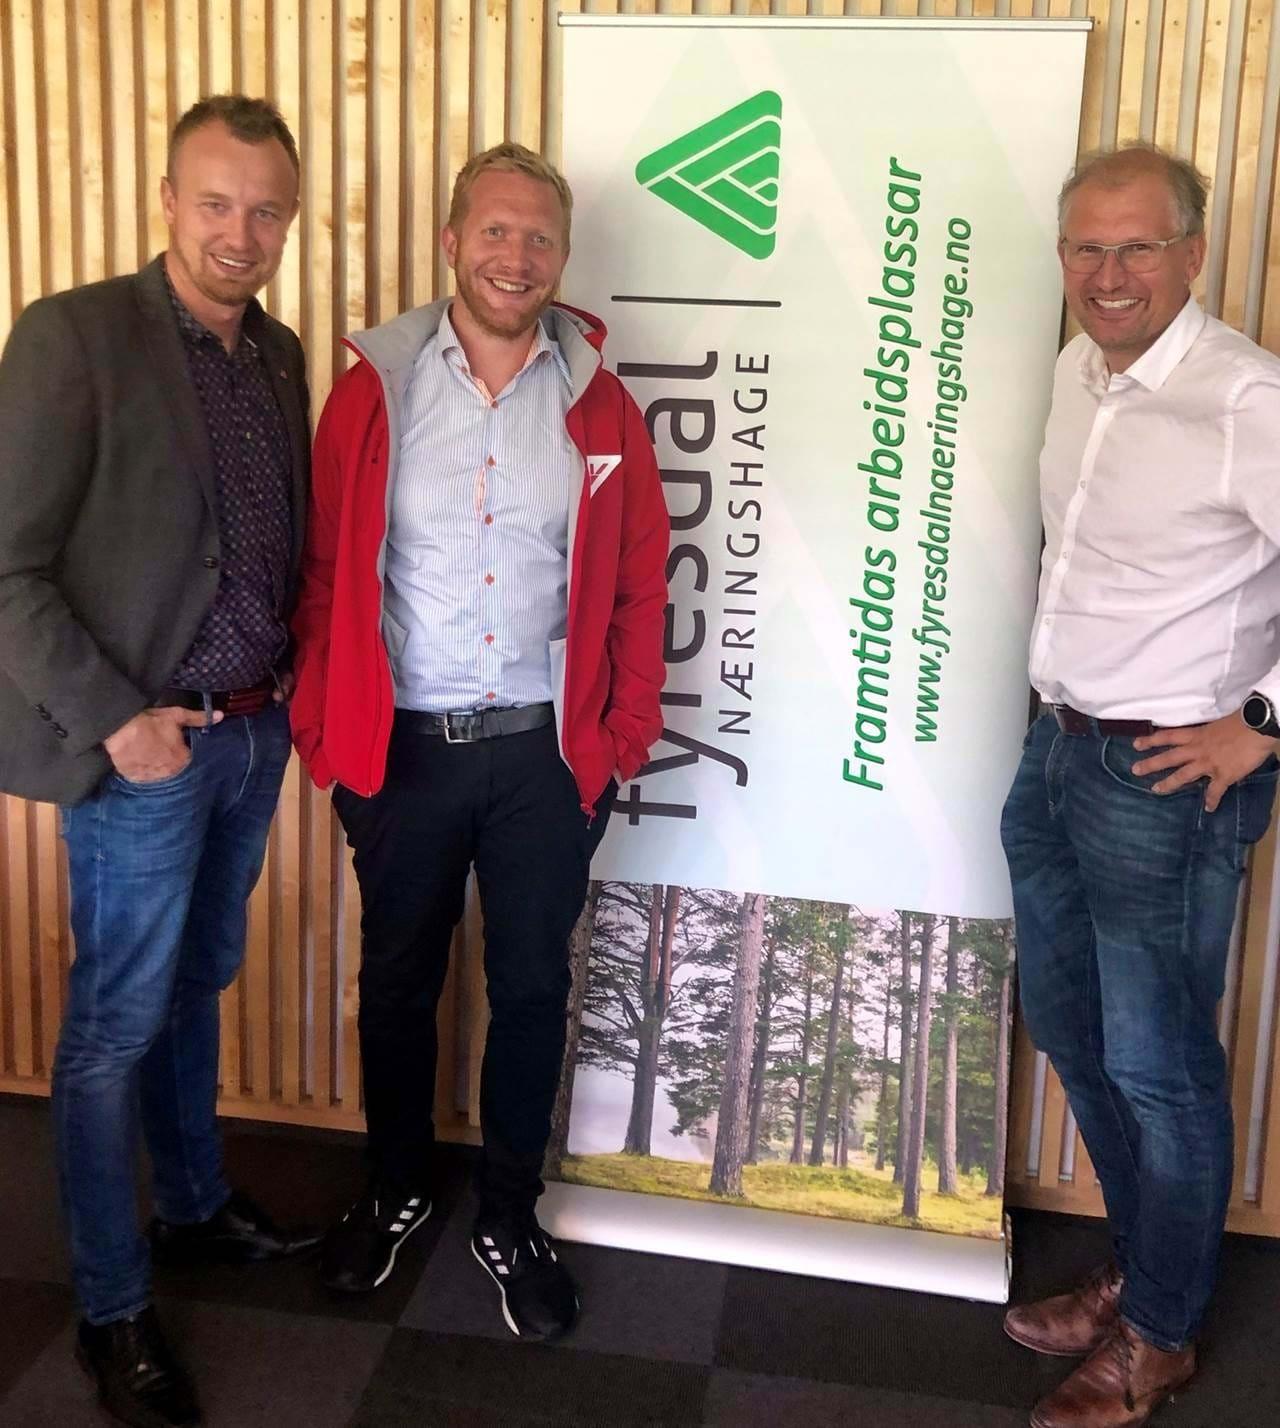 Den nye politiske ledelsen i Vestfold Telemark utøver miljølederskap i verdensklasse!!